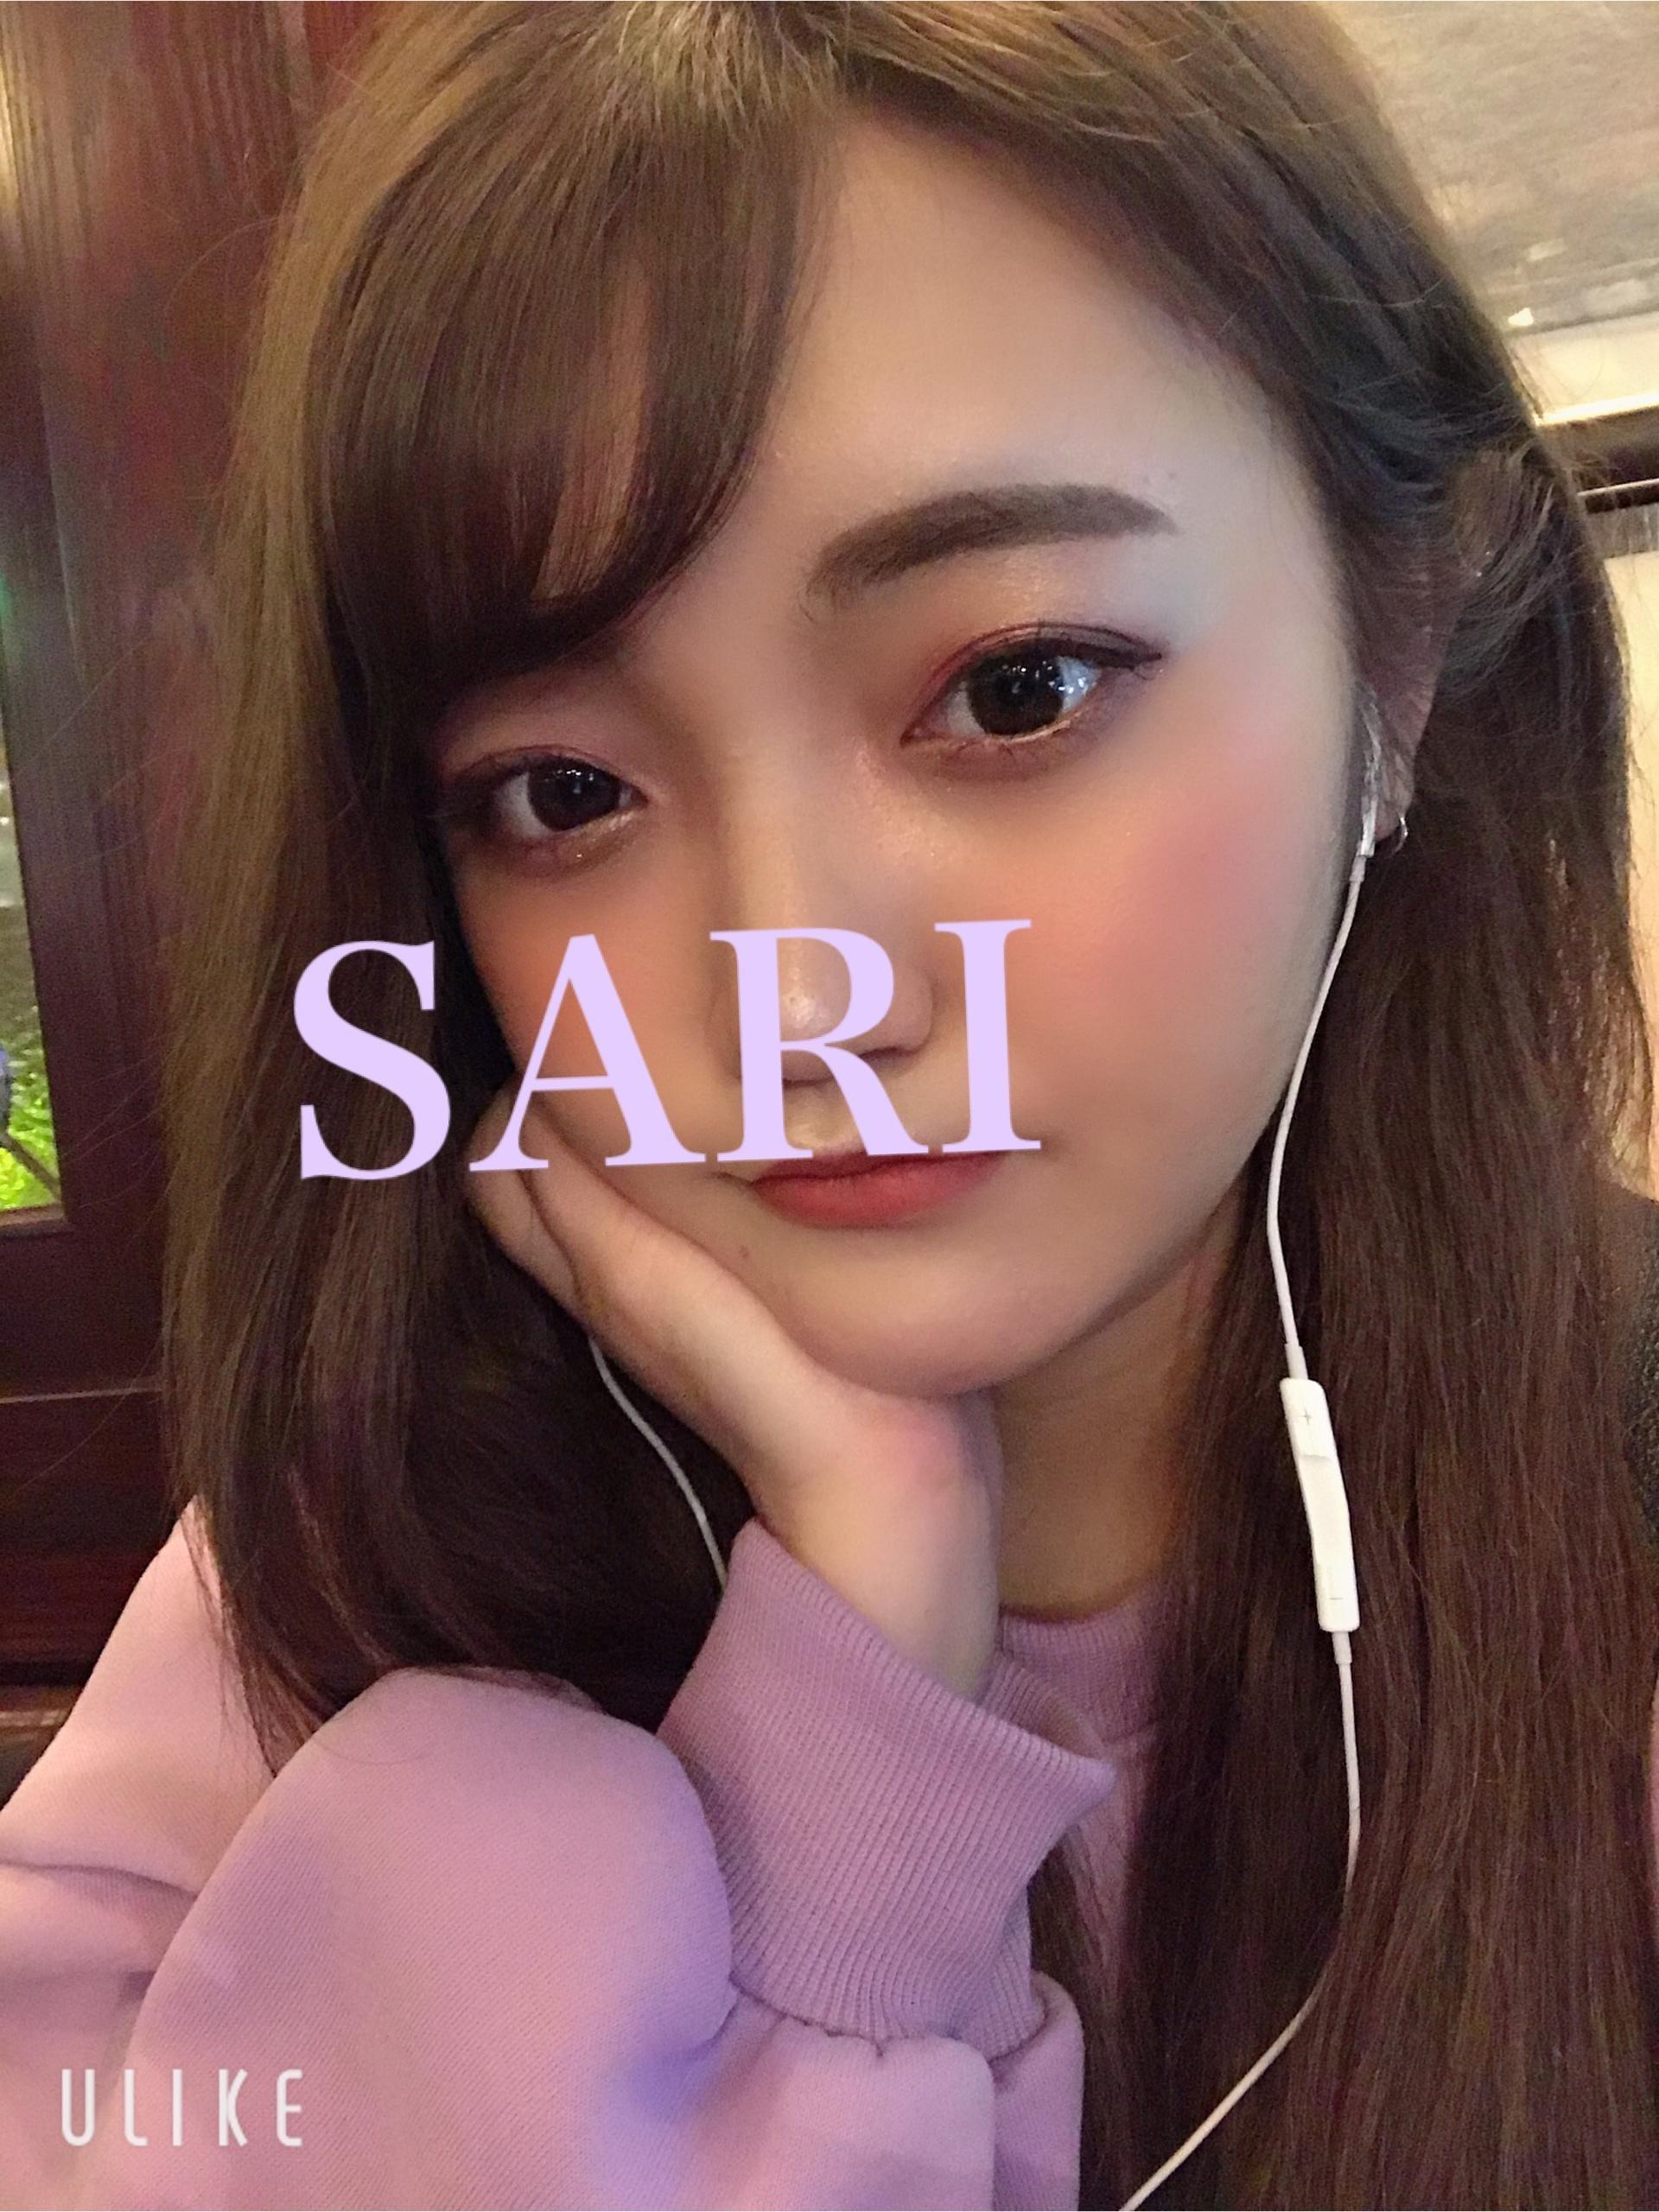 「お休み!」01/23(01/23) 19:10 | さりの写メ・風俗動画